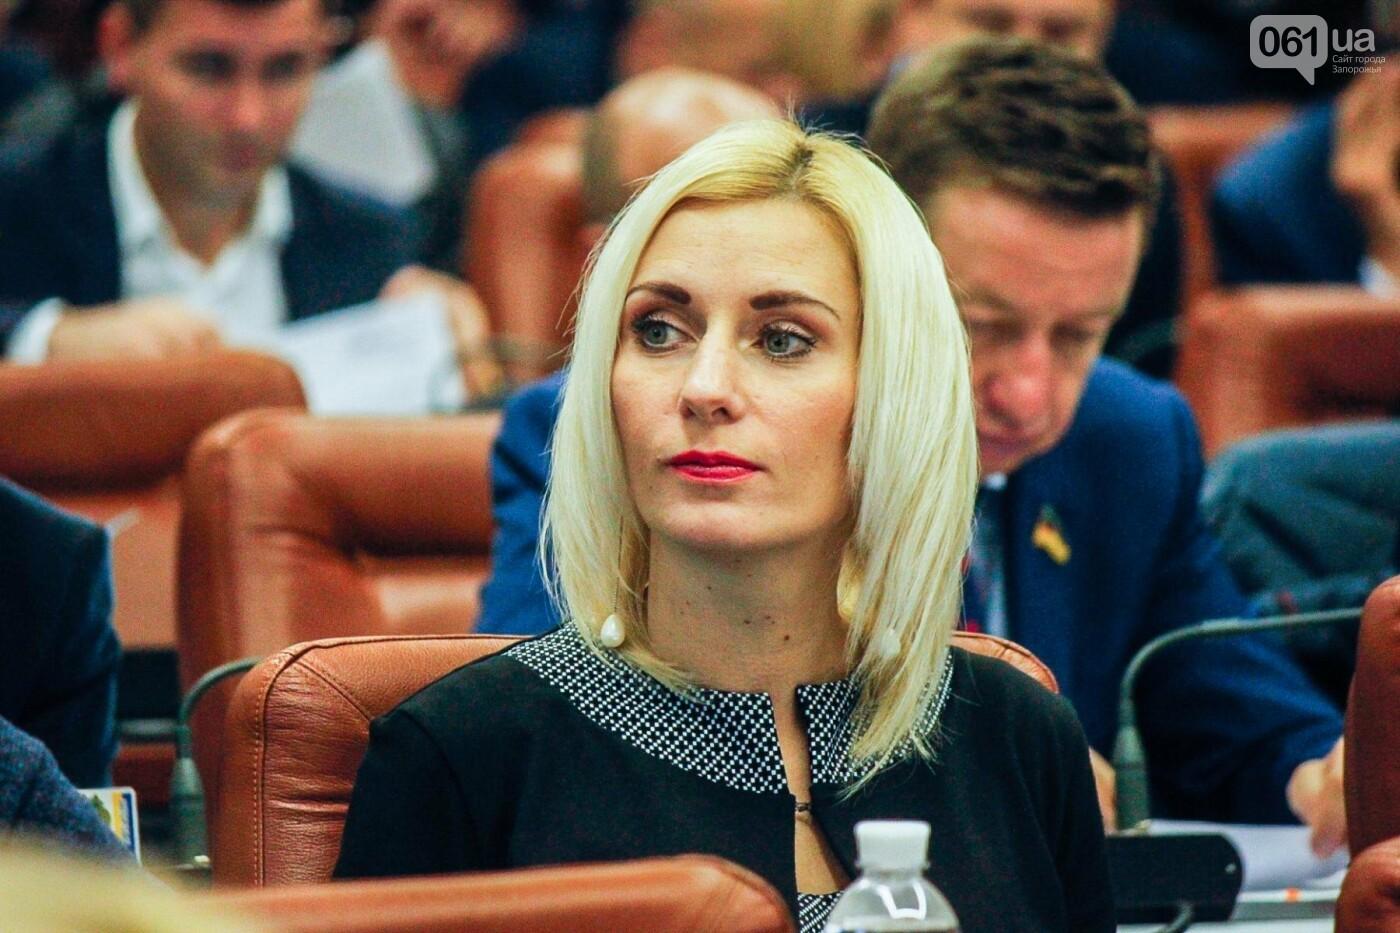 Сессия запорожского горсовета в лицах, - ФОТОРЕПОРТАЖ, фото-61